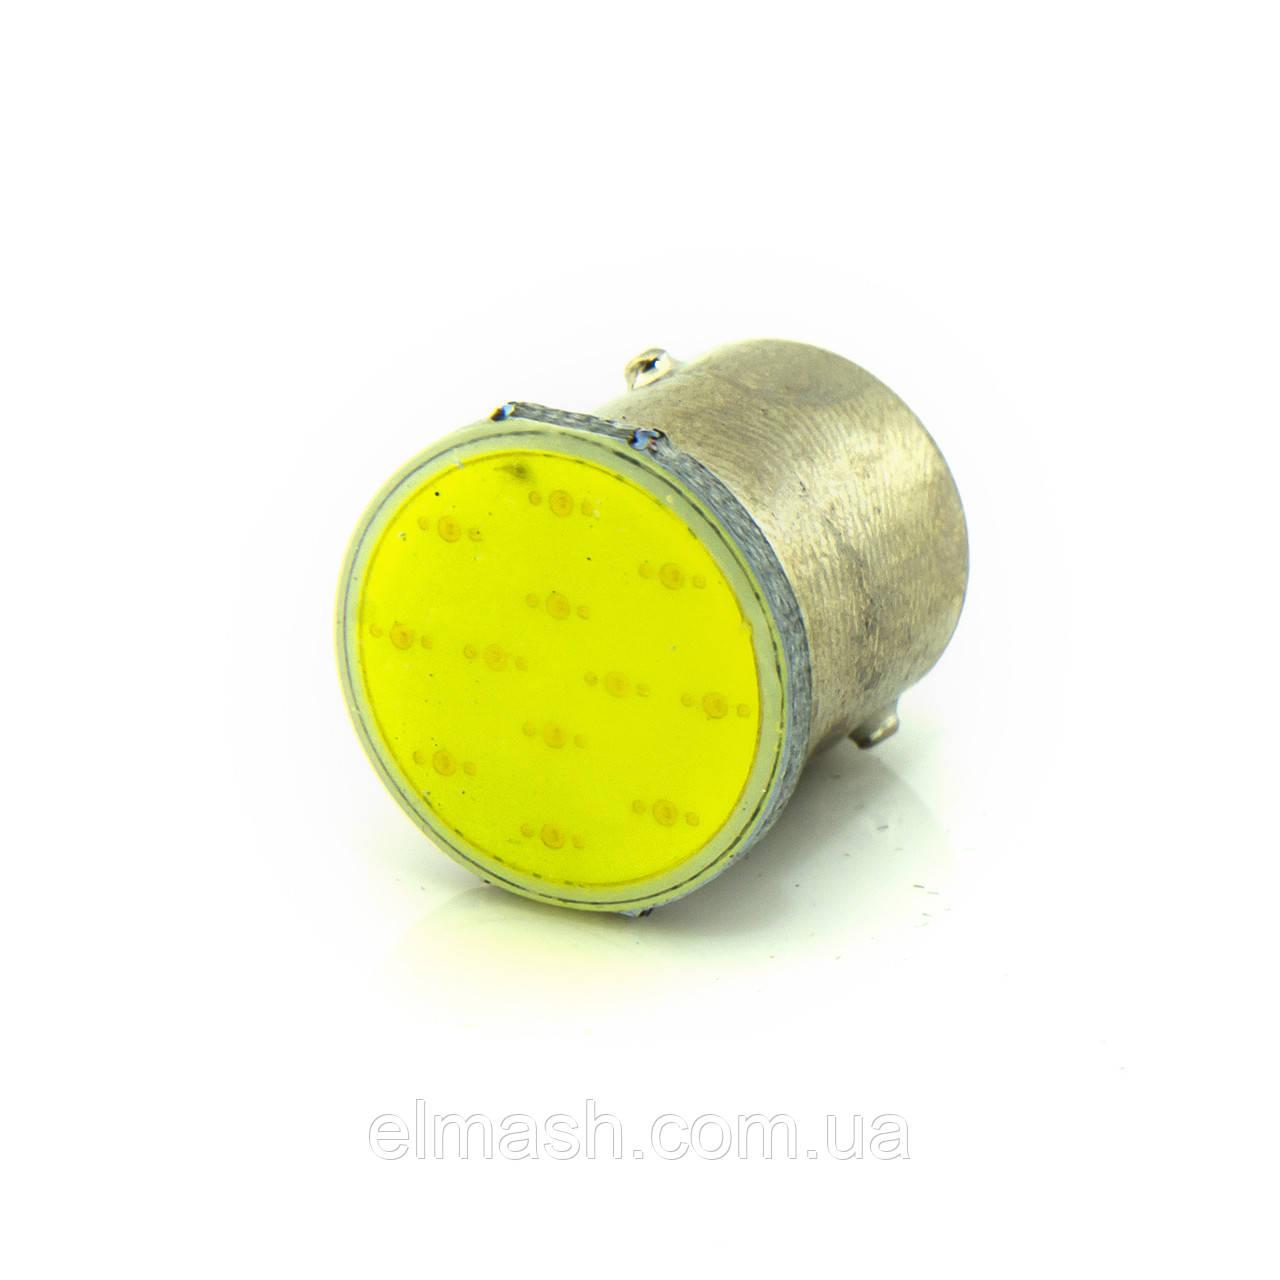 Лампа LED 24V 1157 COB 55/90Lm БЕЛЫЙ